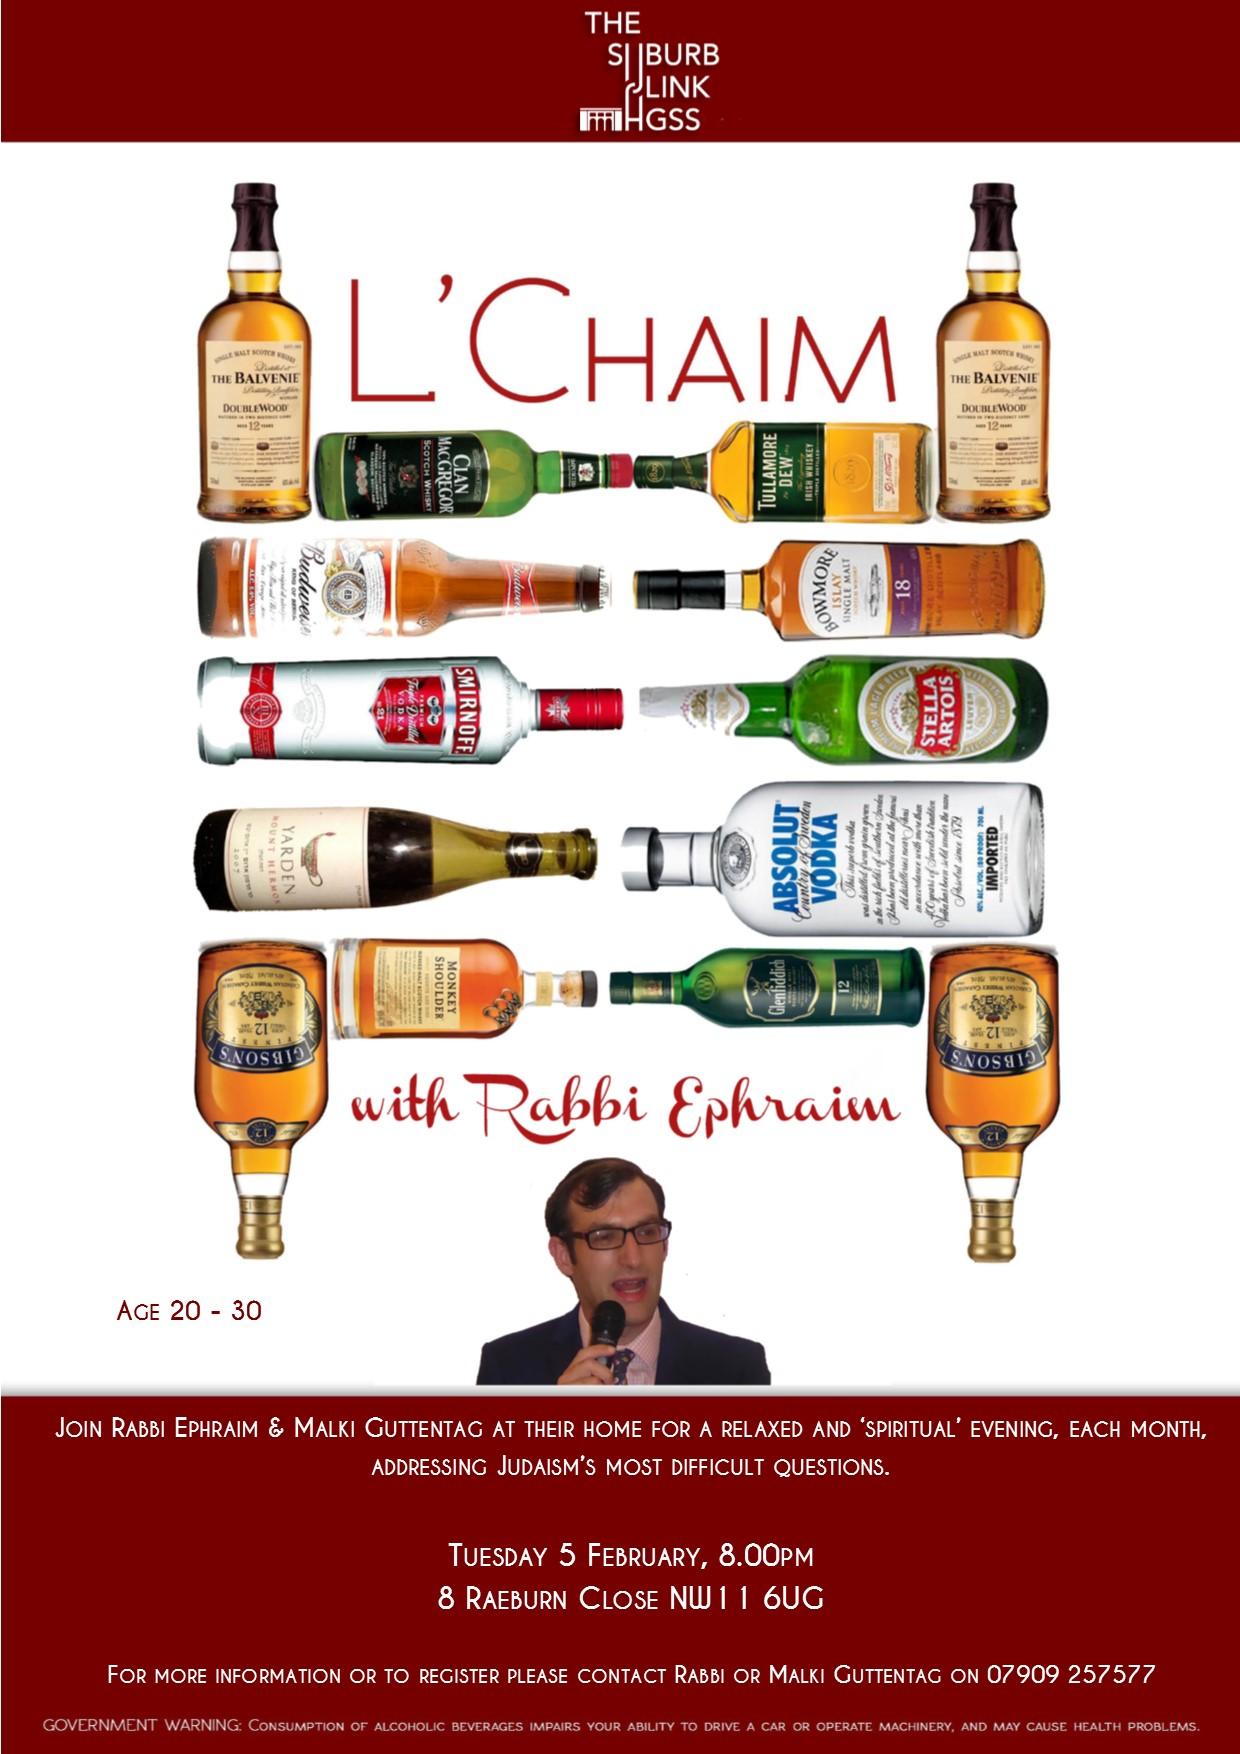 L'Chaim with Rabbi Ephraim @ 8 Raeburn Close, NW11 6UG